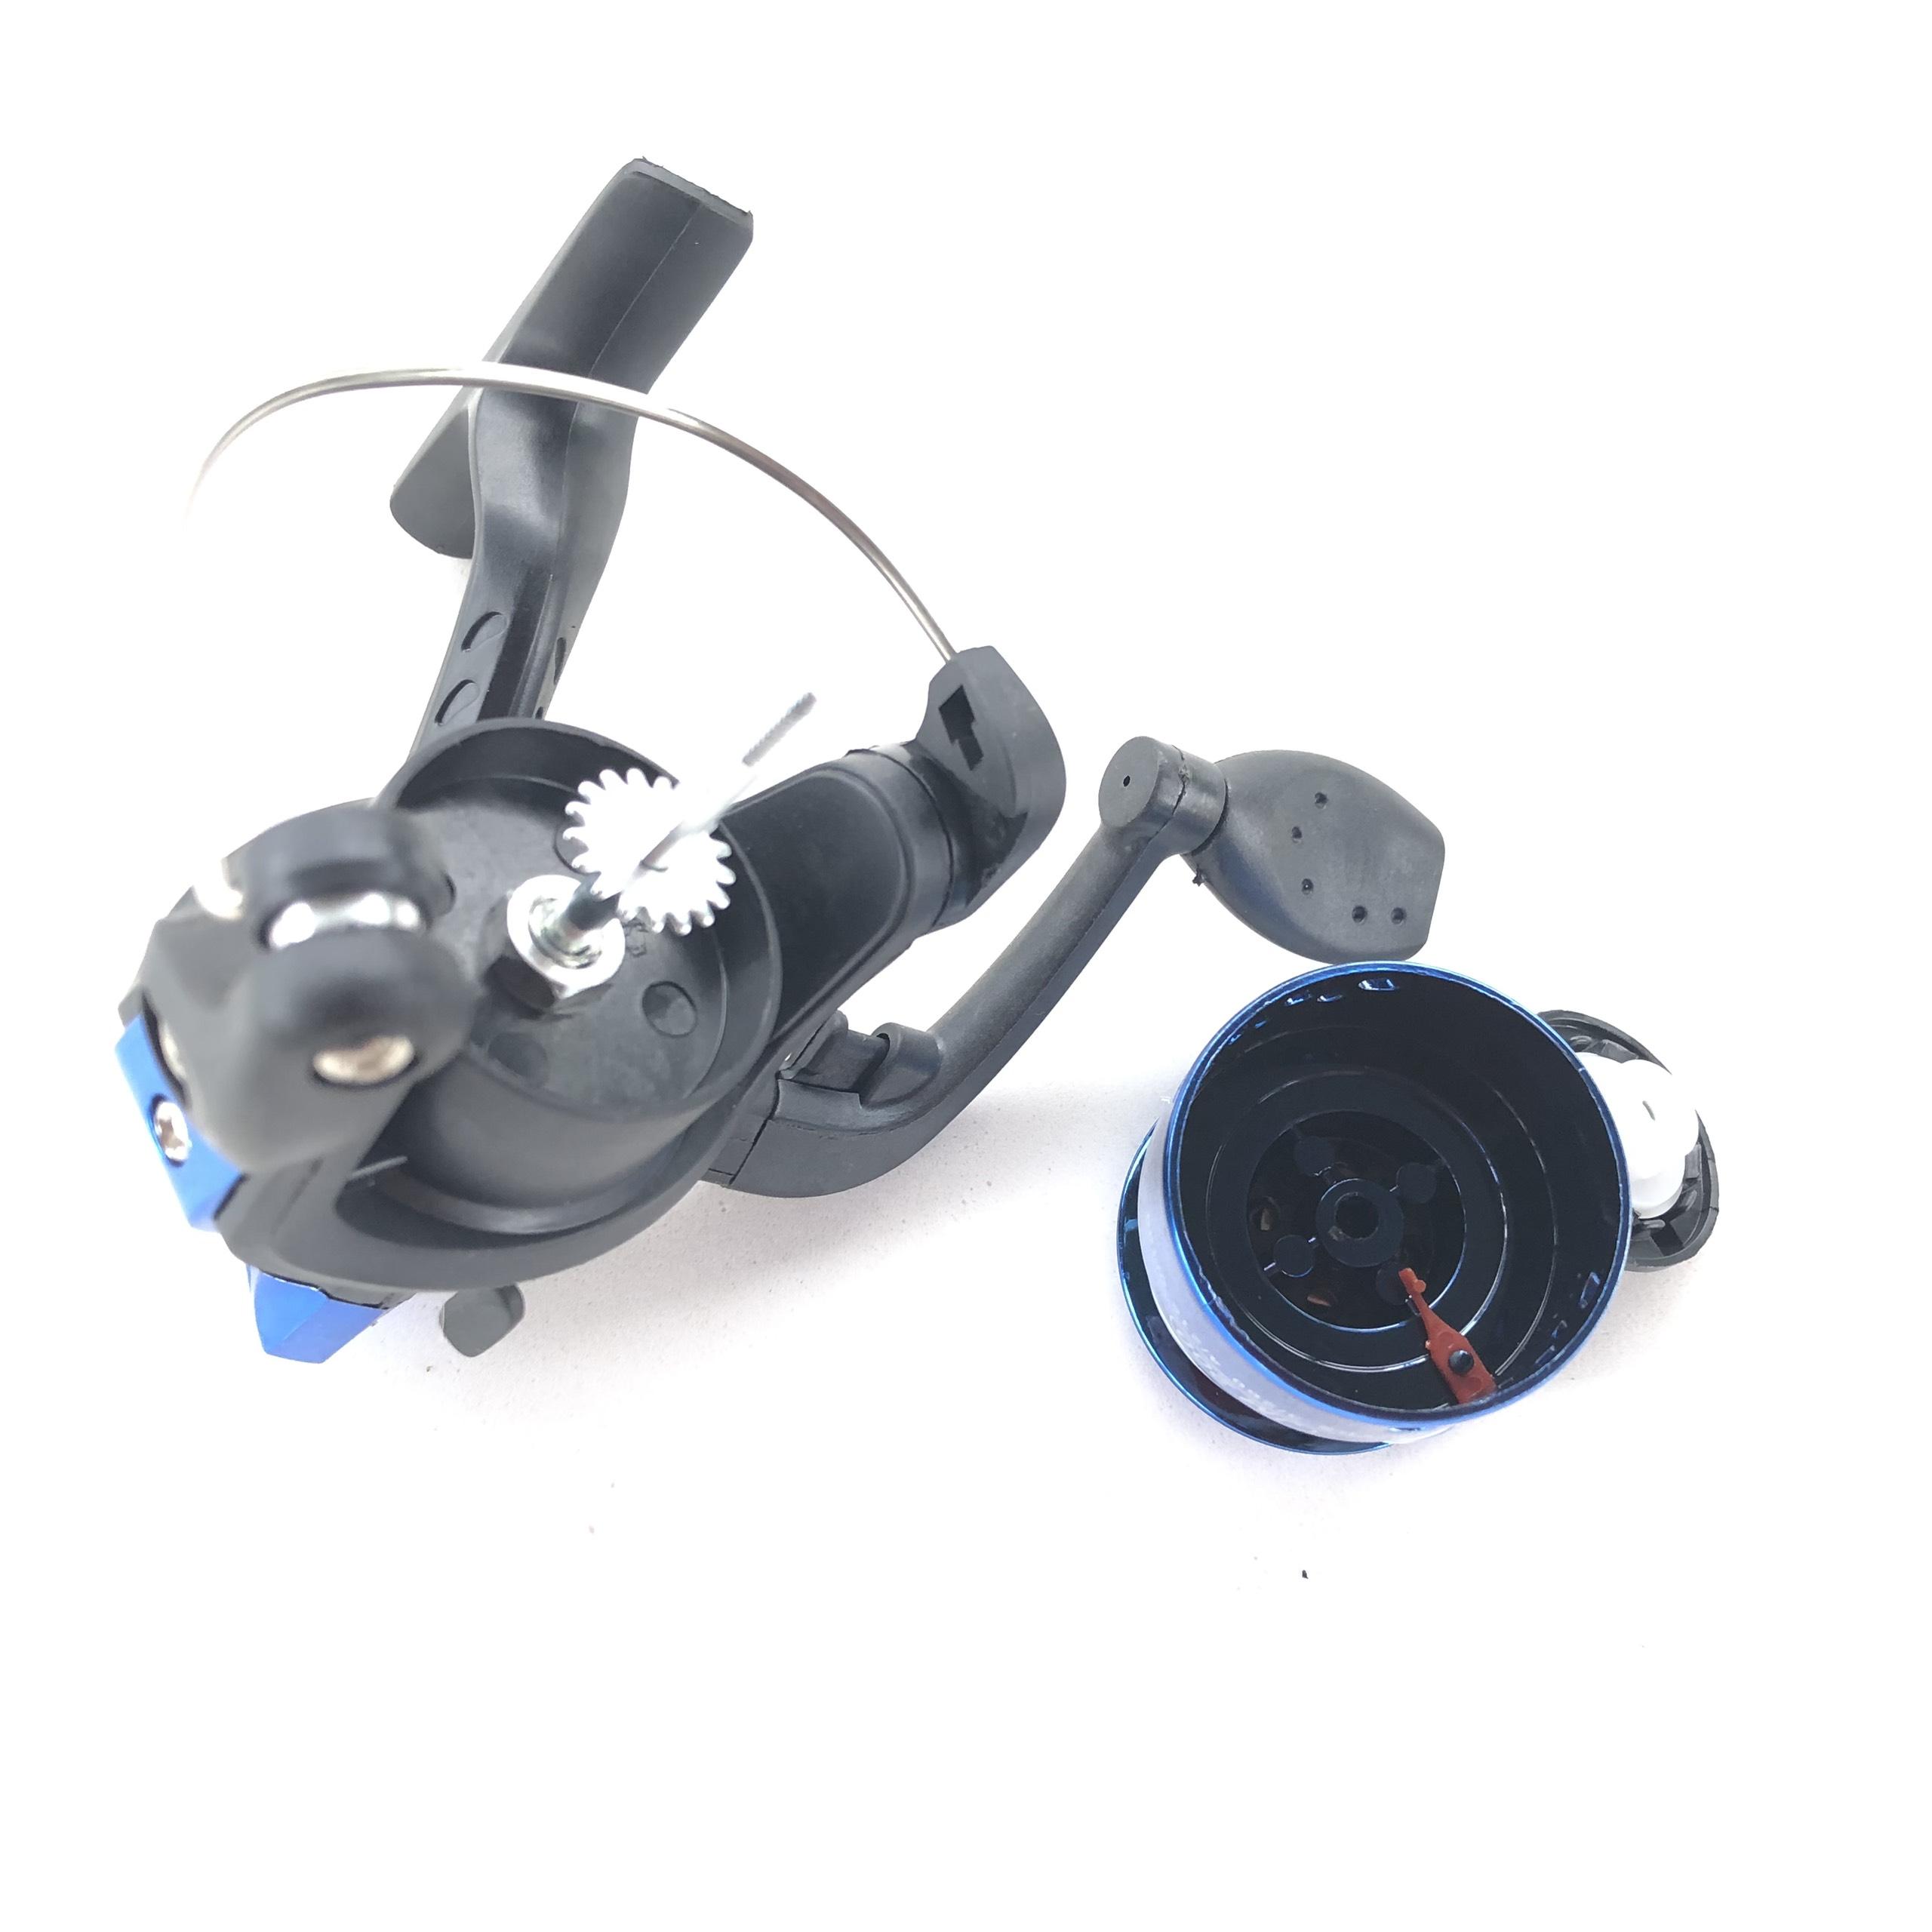 Máy câu cá mini kèm 80m dây cước cuốn sẵn. Phụ kiện câu cá chuyên nghiệp, gọn nhẹ, dễ dàng mang theo và tháo lắp khi cần thay thế. 2